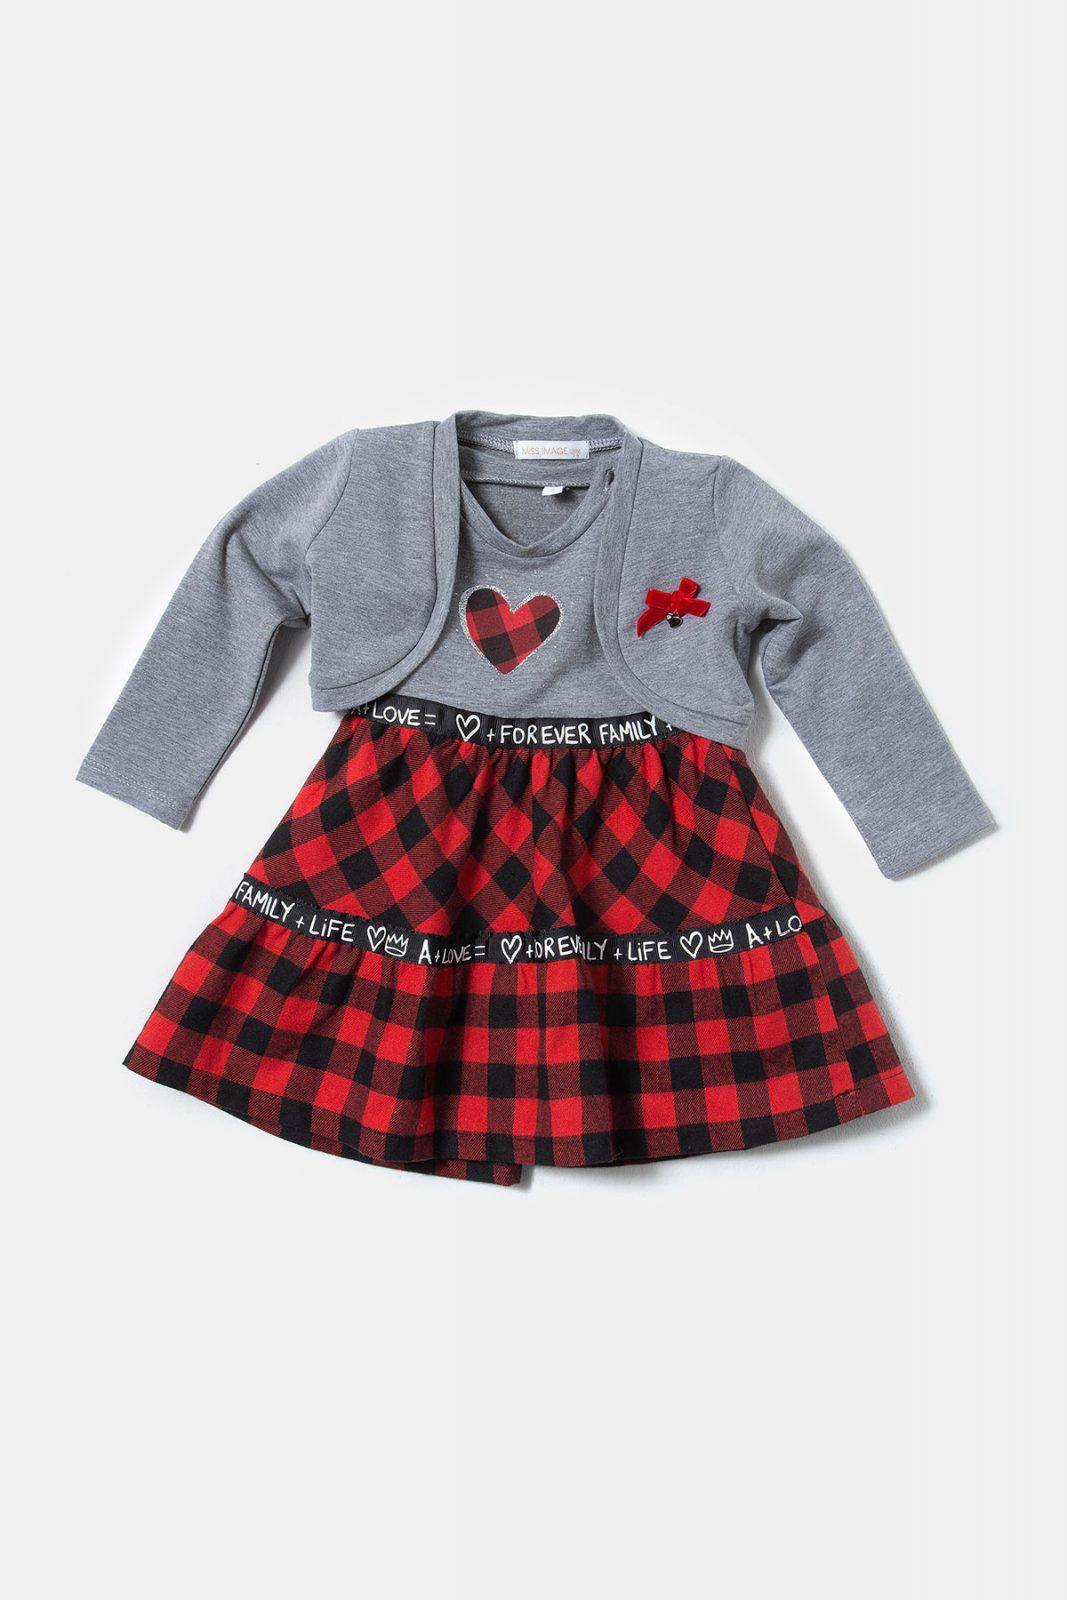 Φόρεμα με μπολερό - Ersas Παιδικά e6ee6cce76c